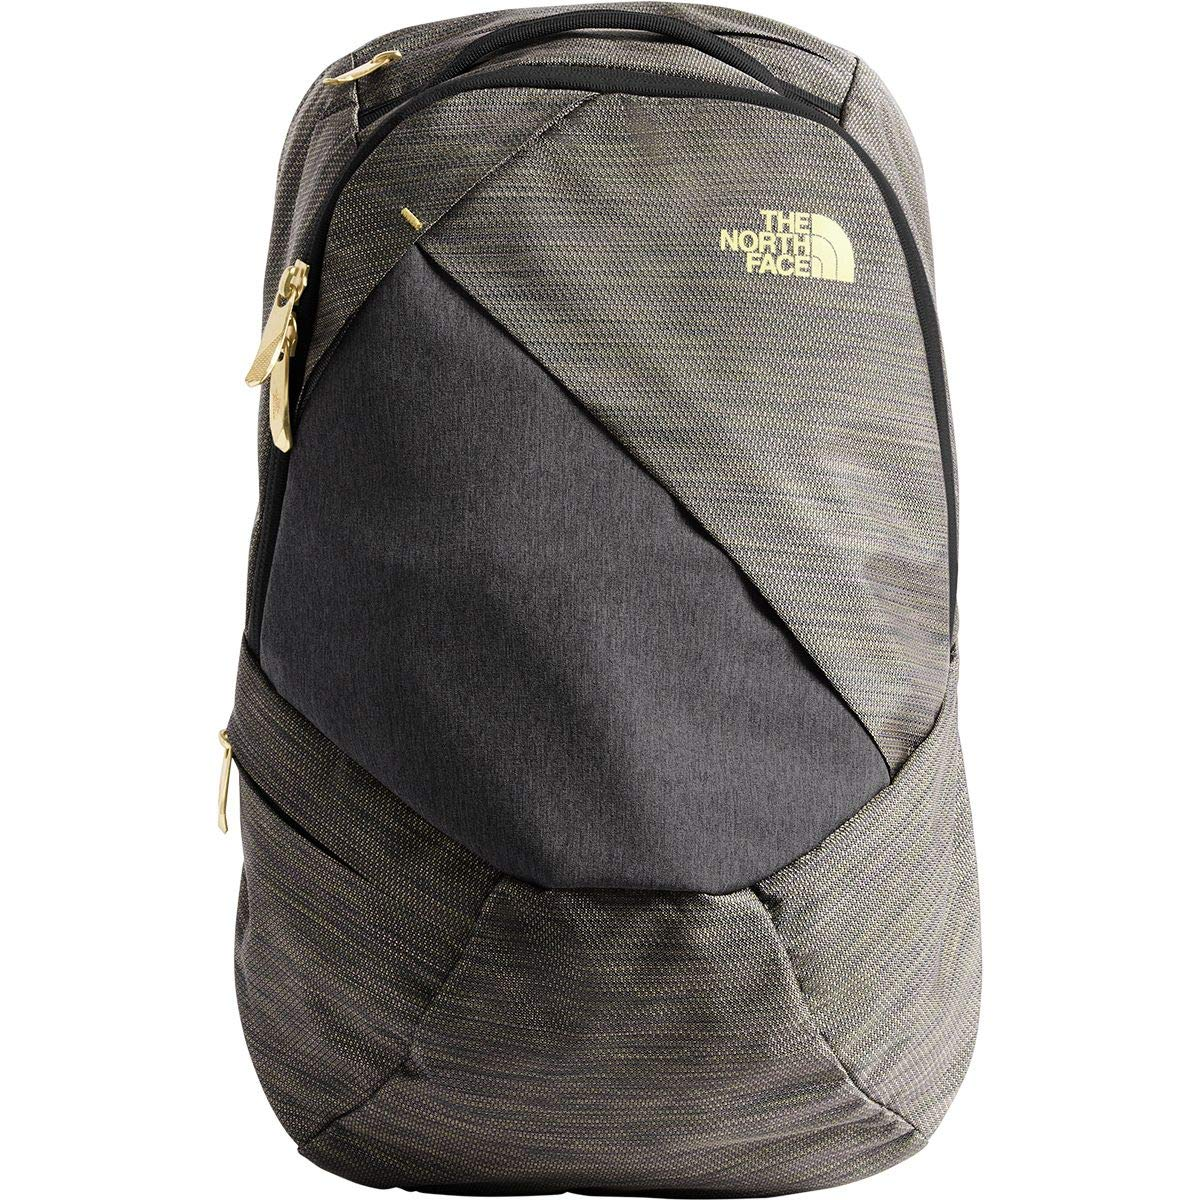 [ノースフェイス] レディース バックパックリュックサック Electra 12L Backpack [並行輸入品] No-Size  B07P422FDQ